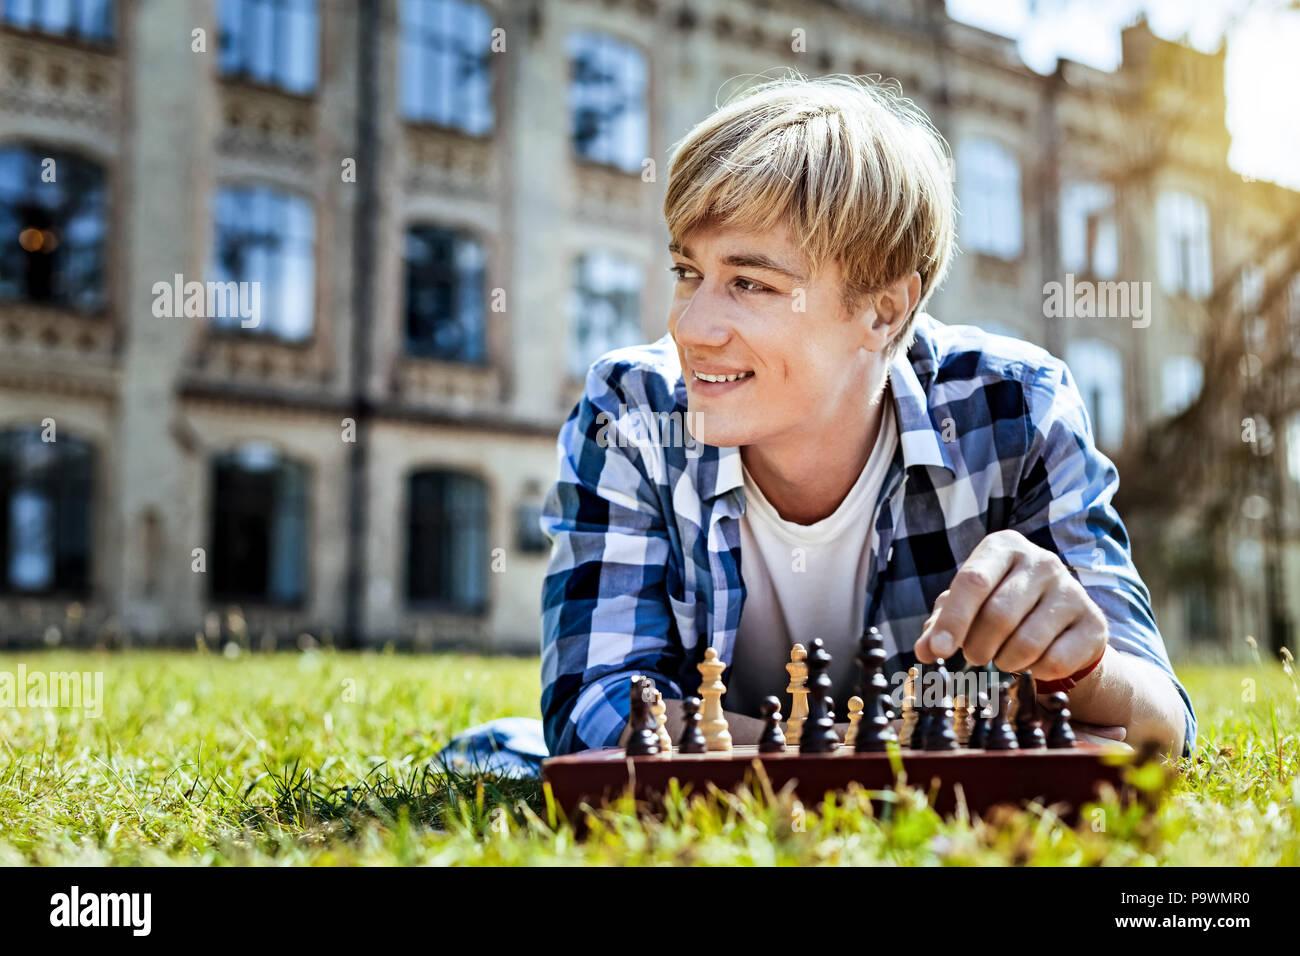 Nachdenklicher Kerl lächelnd während Schach spielen Stockbild